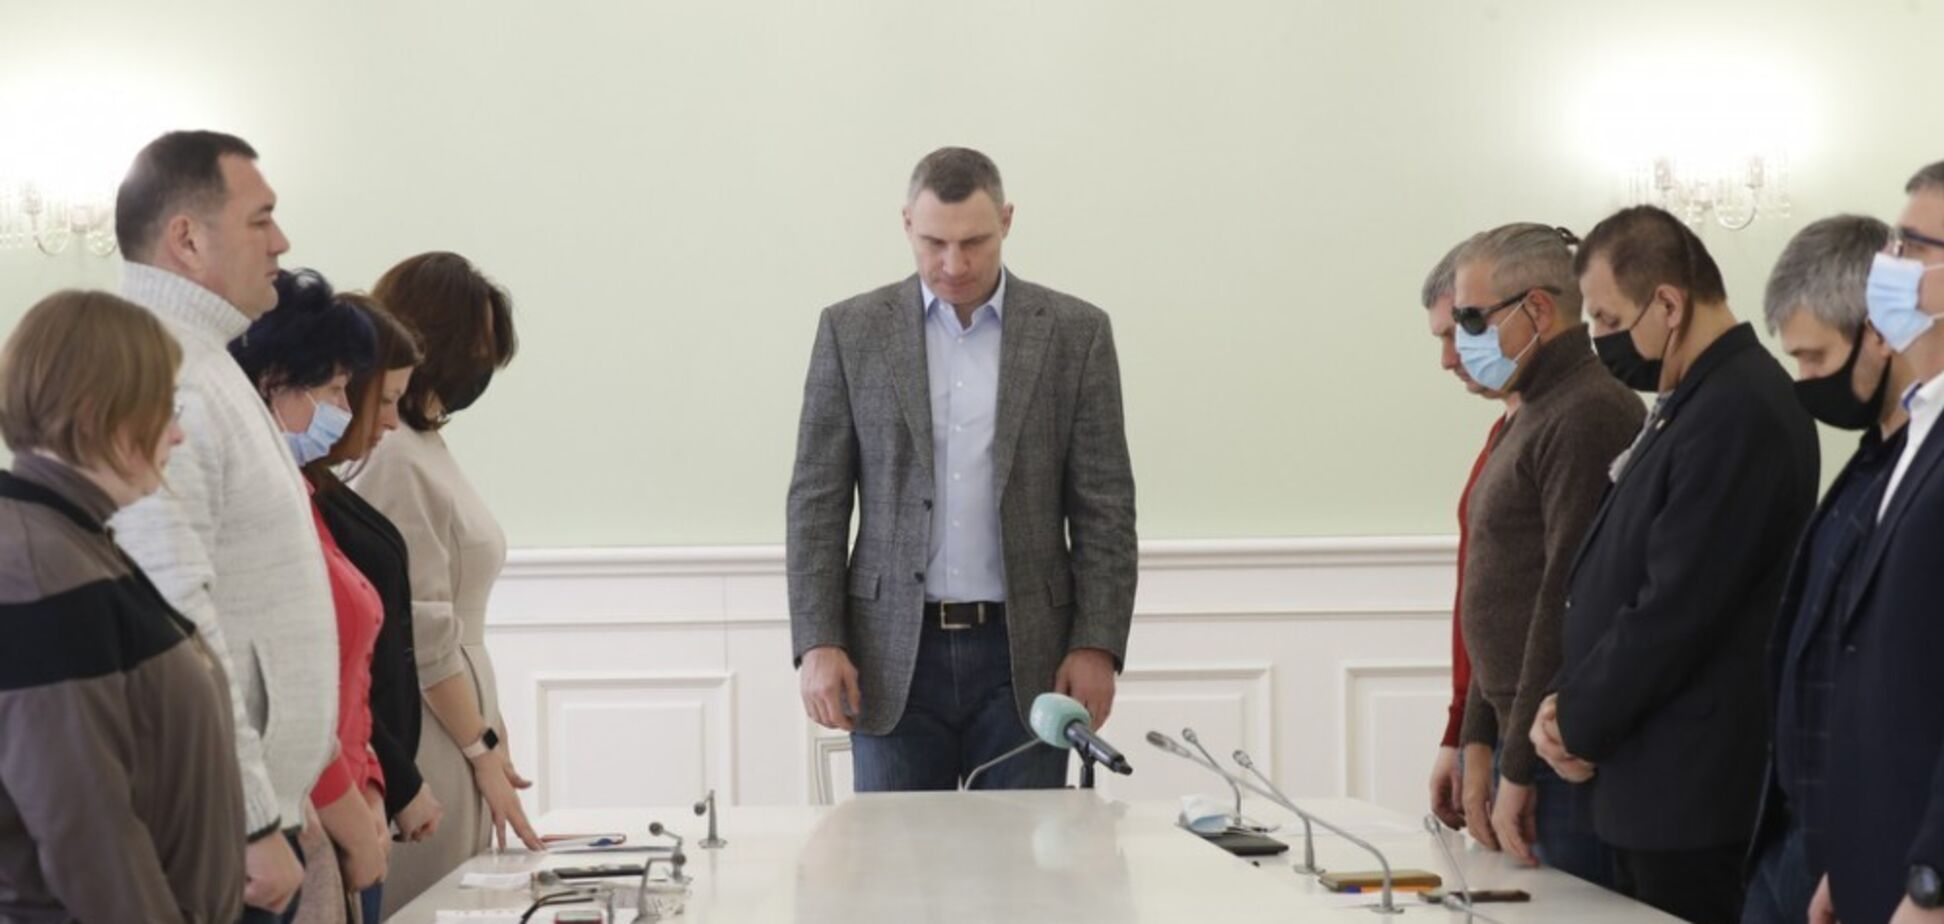 Кличко встретился с семьями Героев Небесной Сотни и пообещал им помощь. Фото